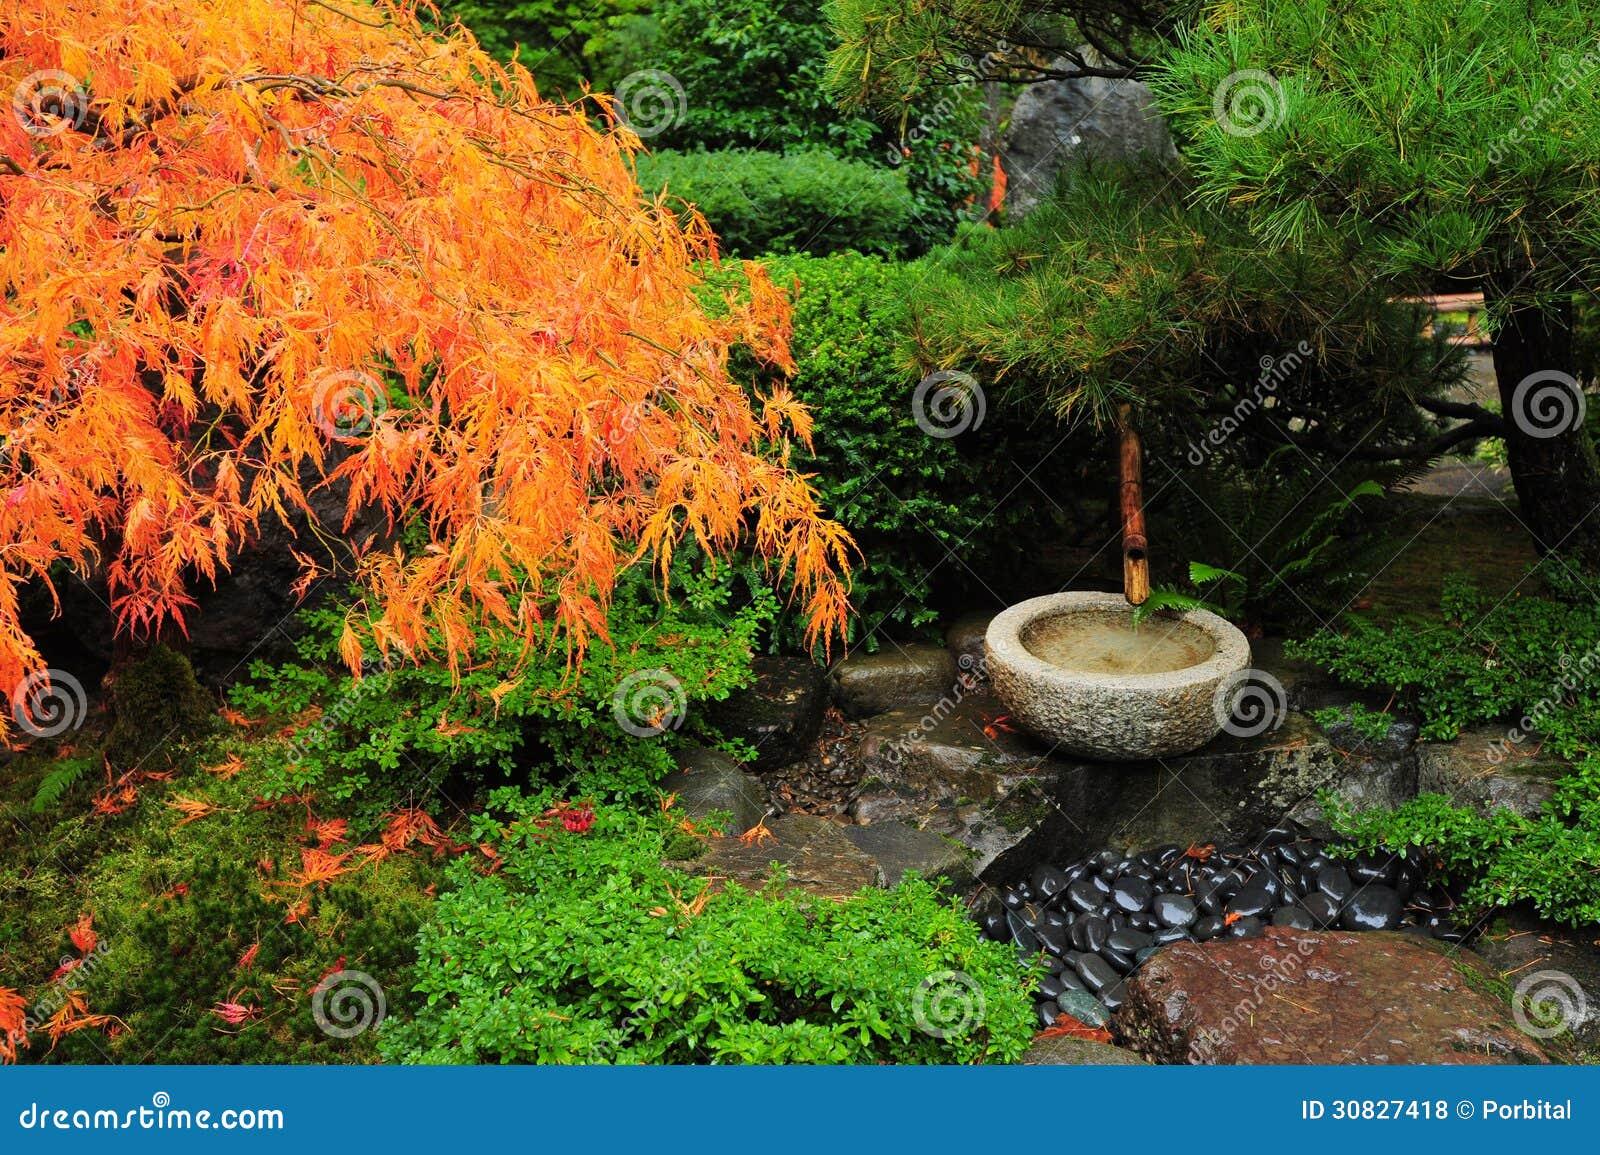 Japanische gartendekoration lizenzfreie stockfotos bild for Gartendekoration